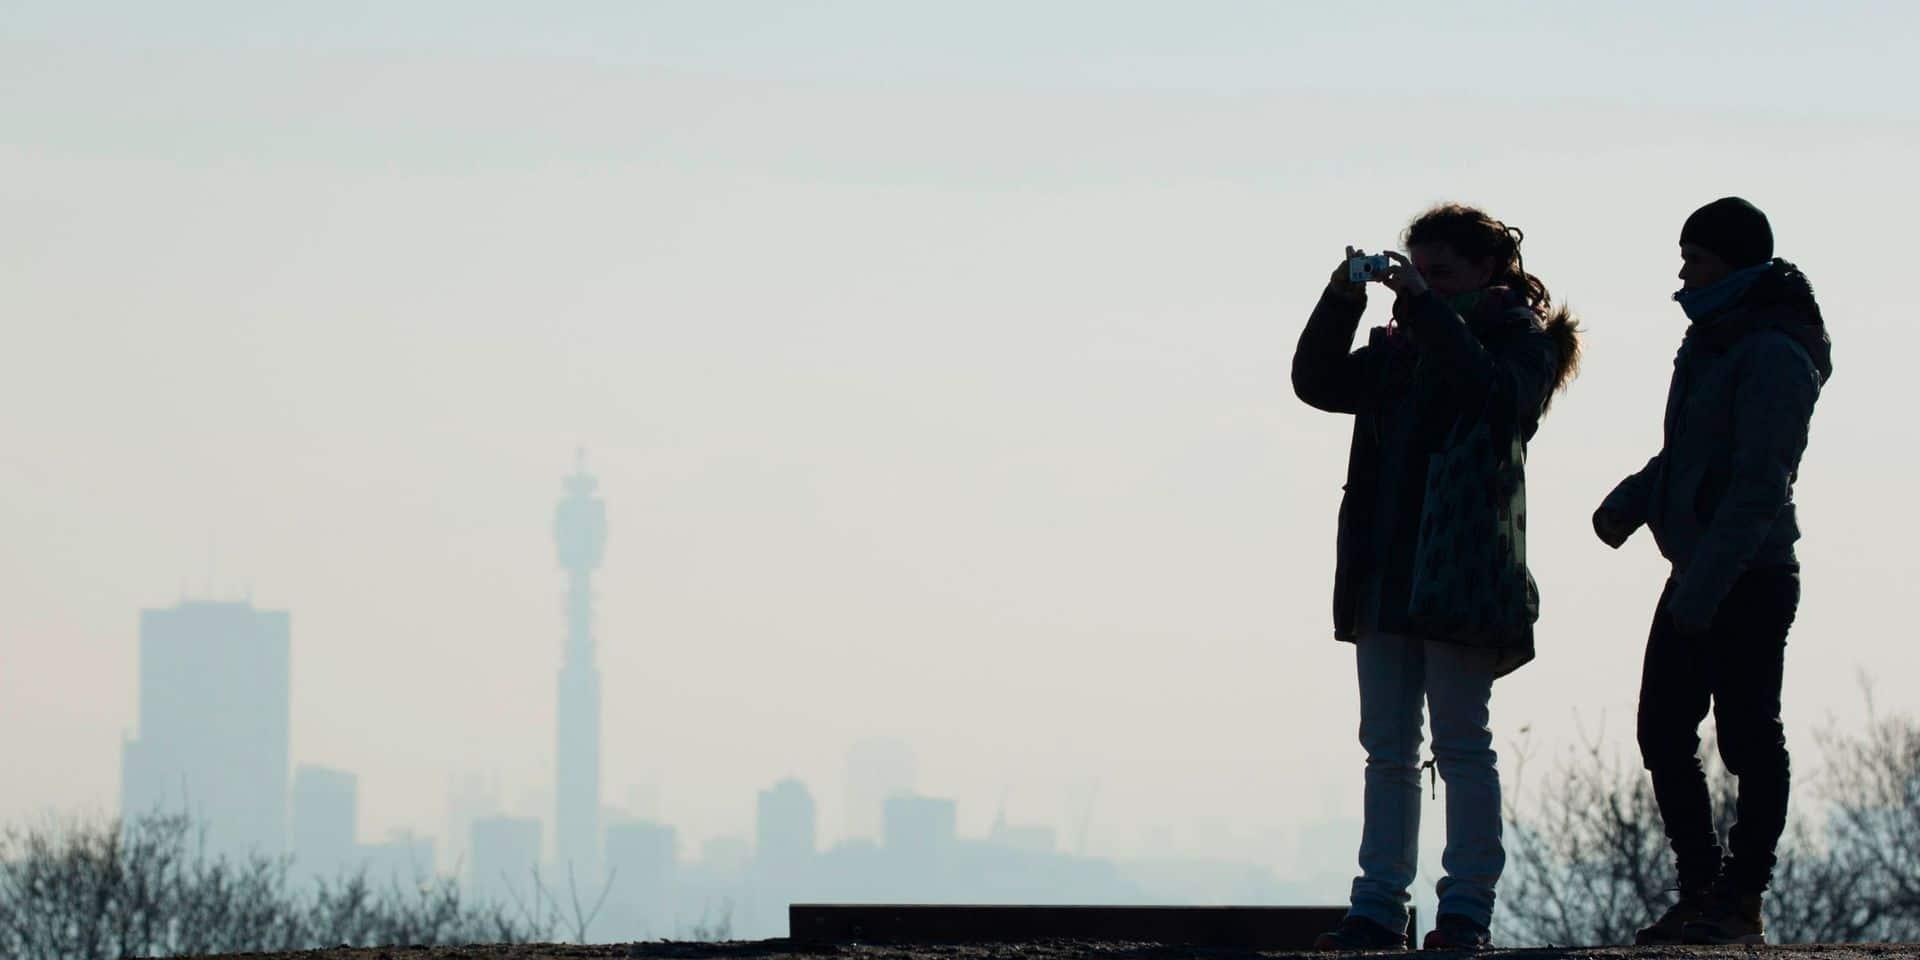 La pollution de l'air reconnue coupable de la mort d'une fillette à Londres